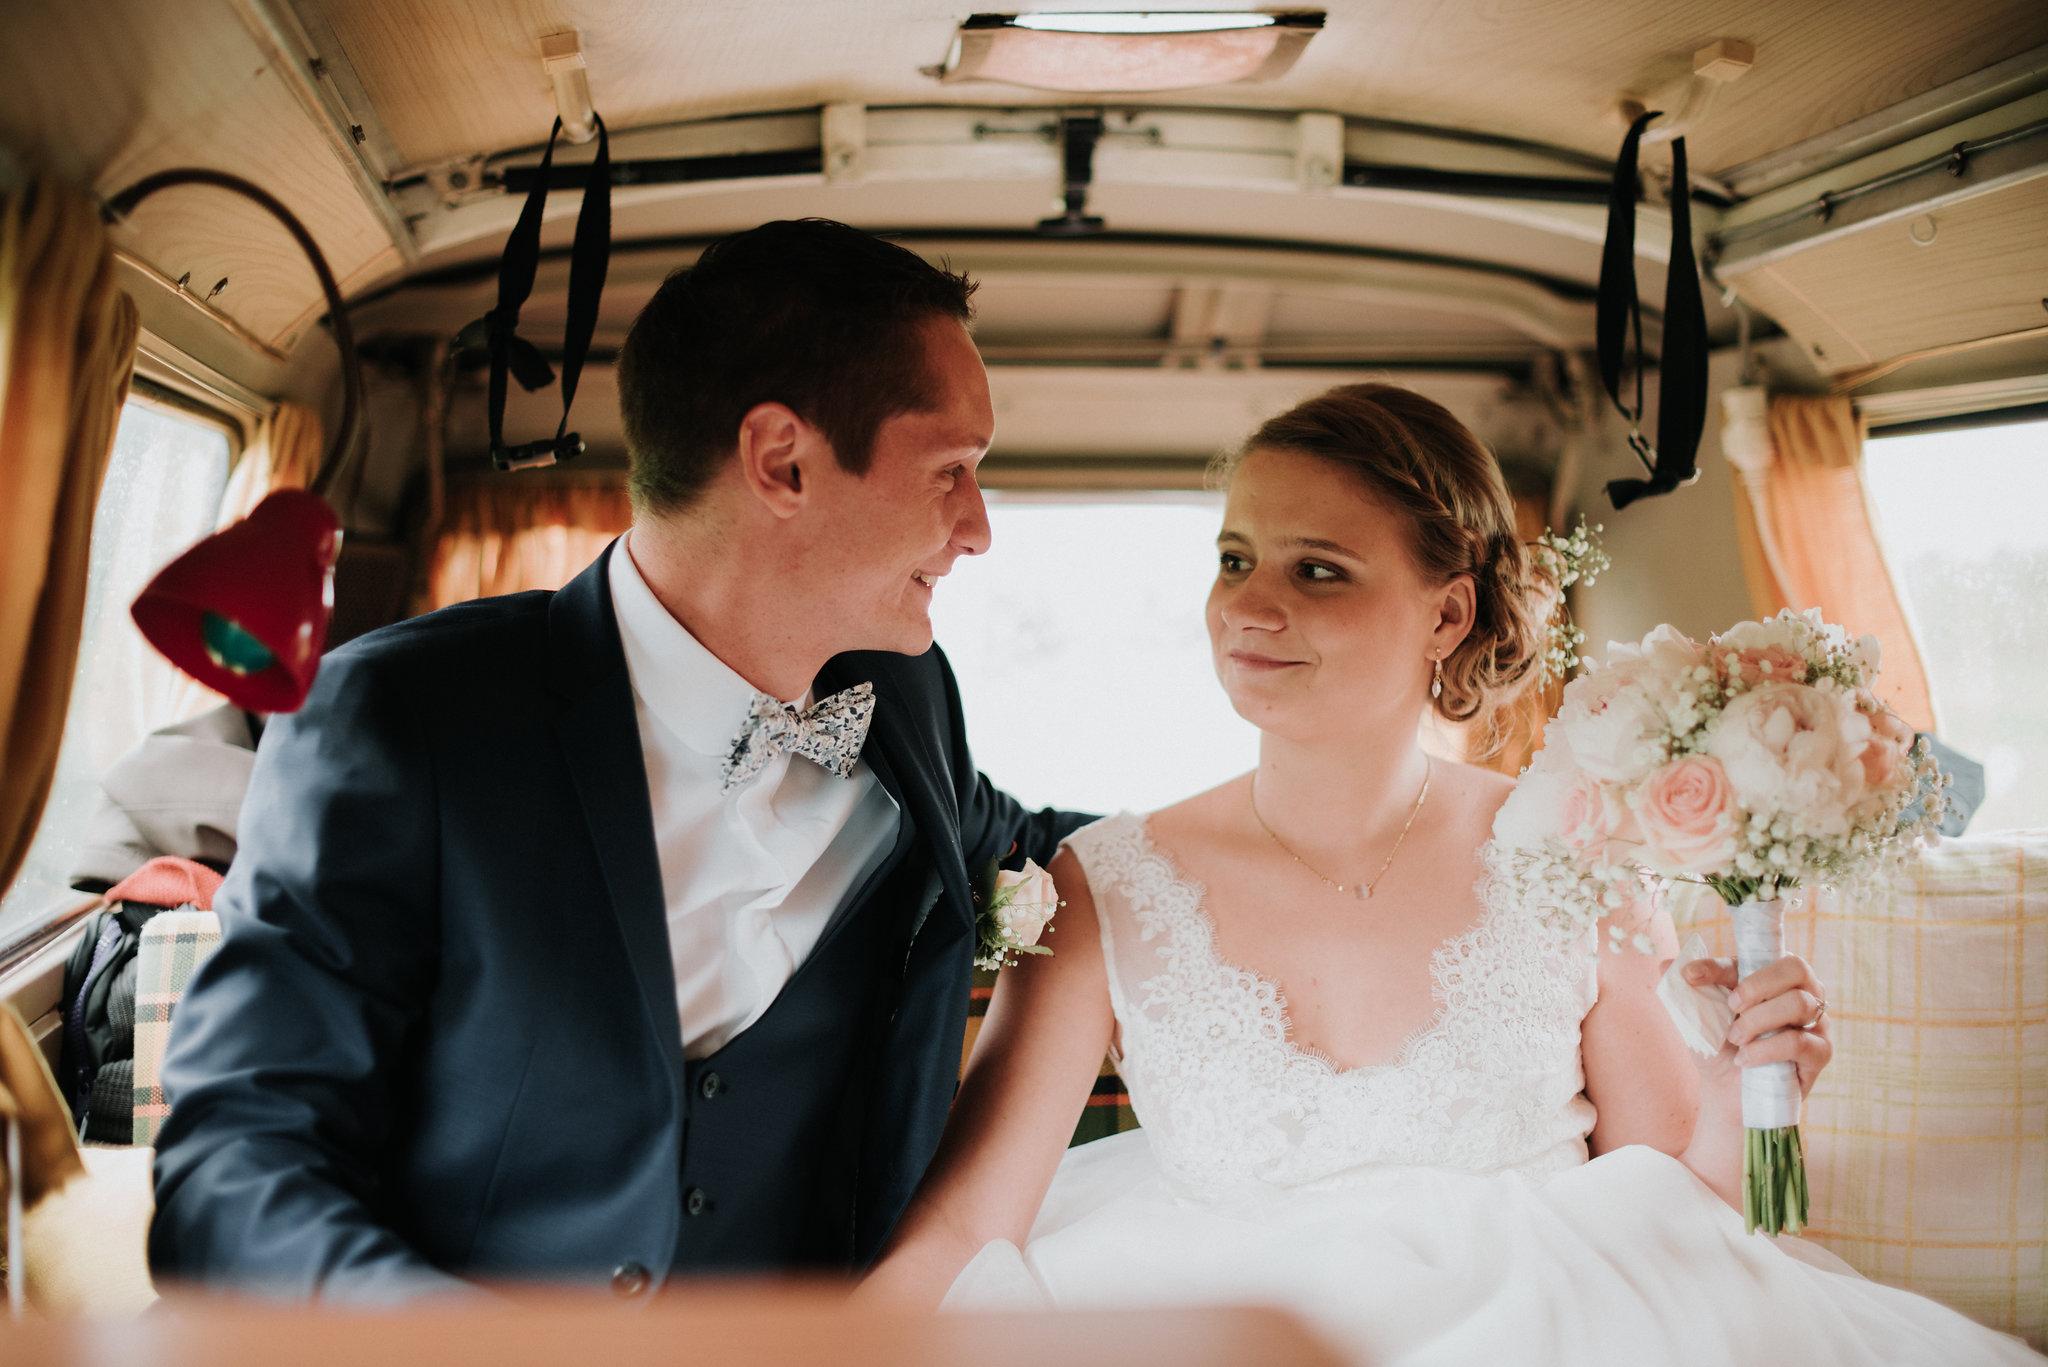 Léa-Fery-photographe-professionnel-lyon-rhone-alpes-portrait-creation-mariage-evenement-evenementiel-famille-1958.jpg